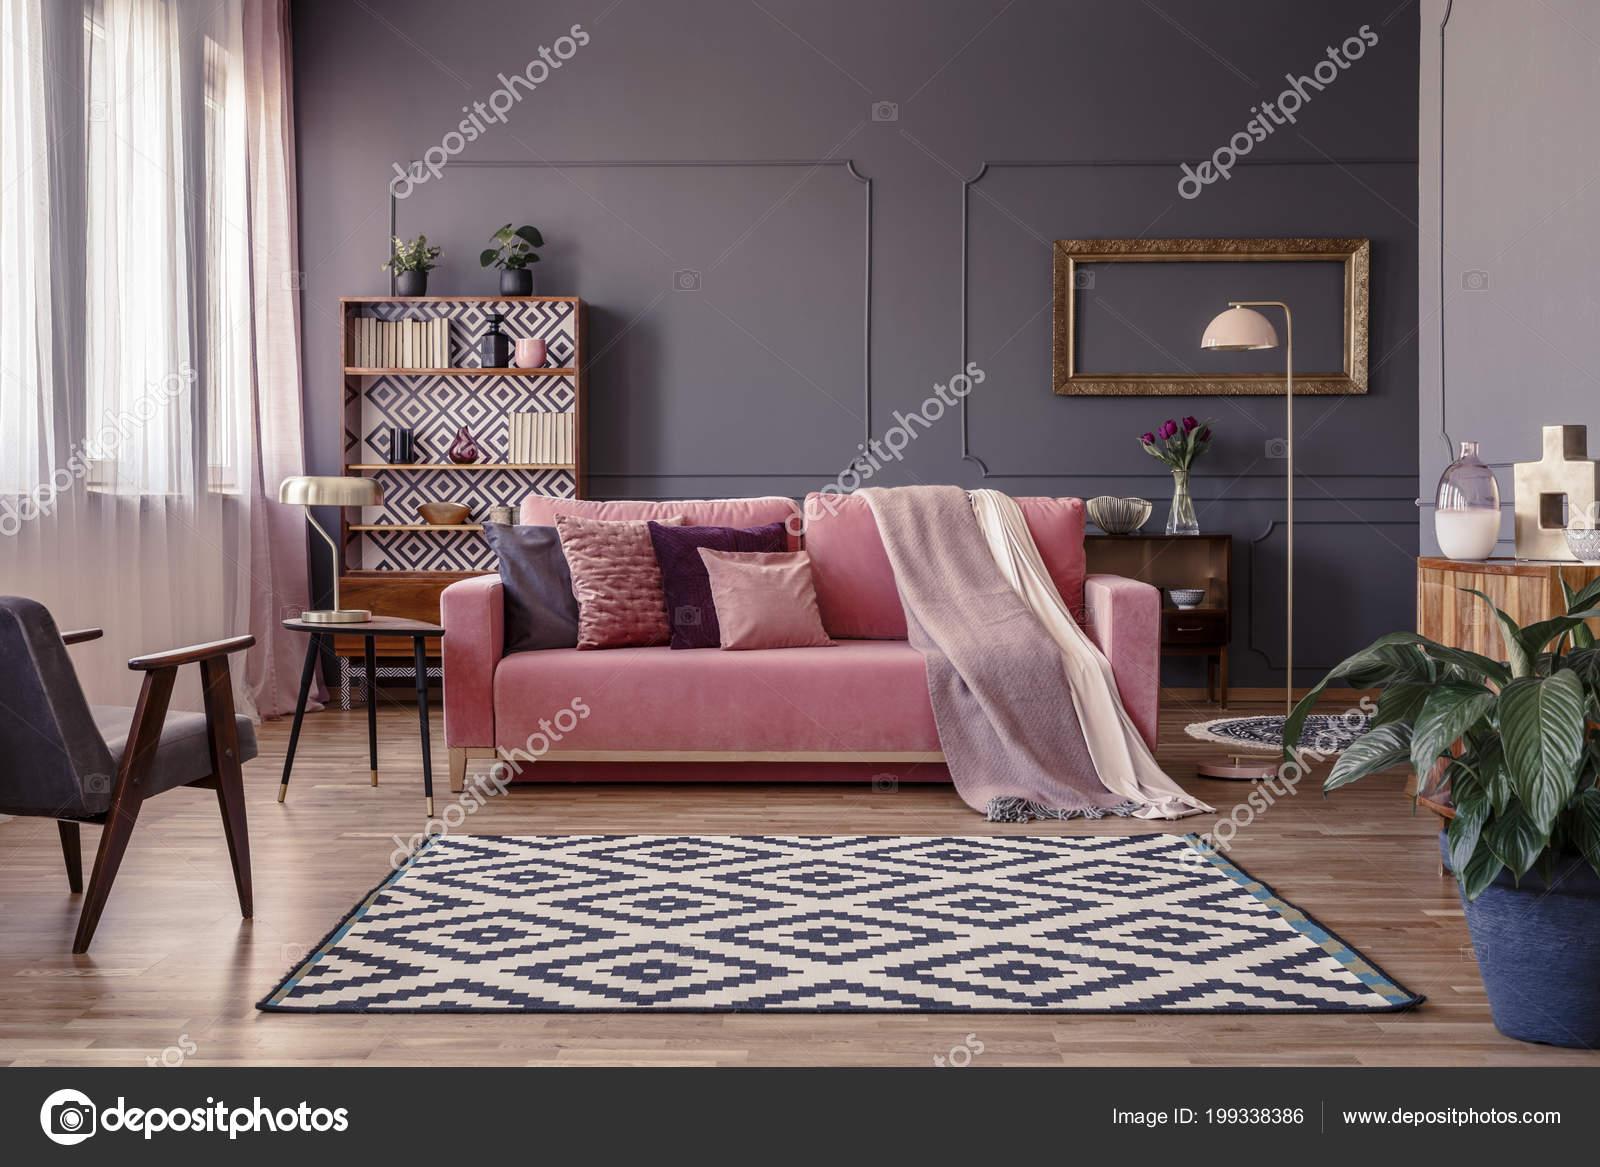 Rosa Sofa Mit Zwei Decken Und Kissen Wohnzimmer Interieur Mit ...